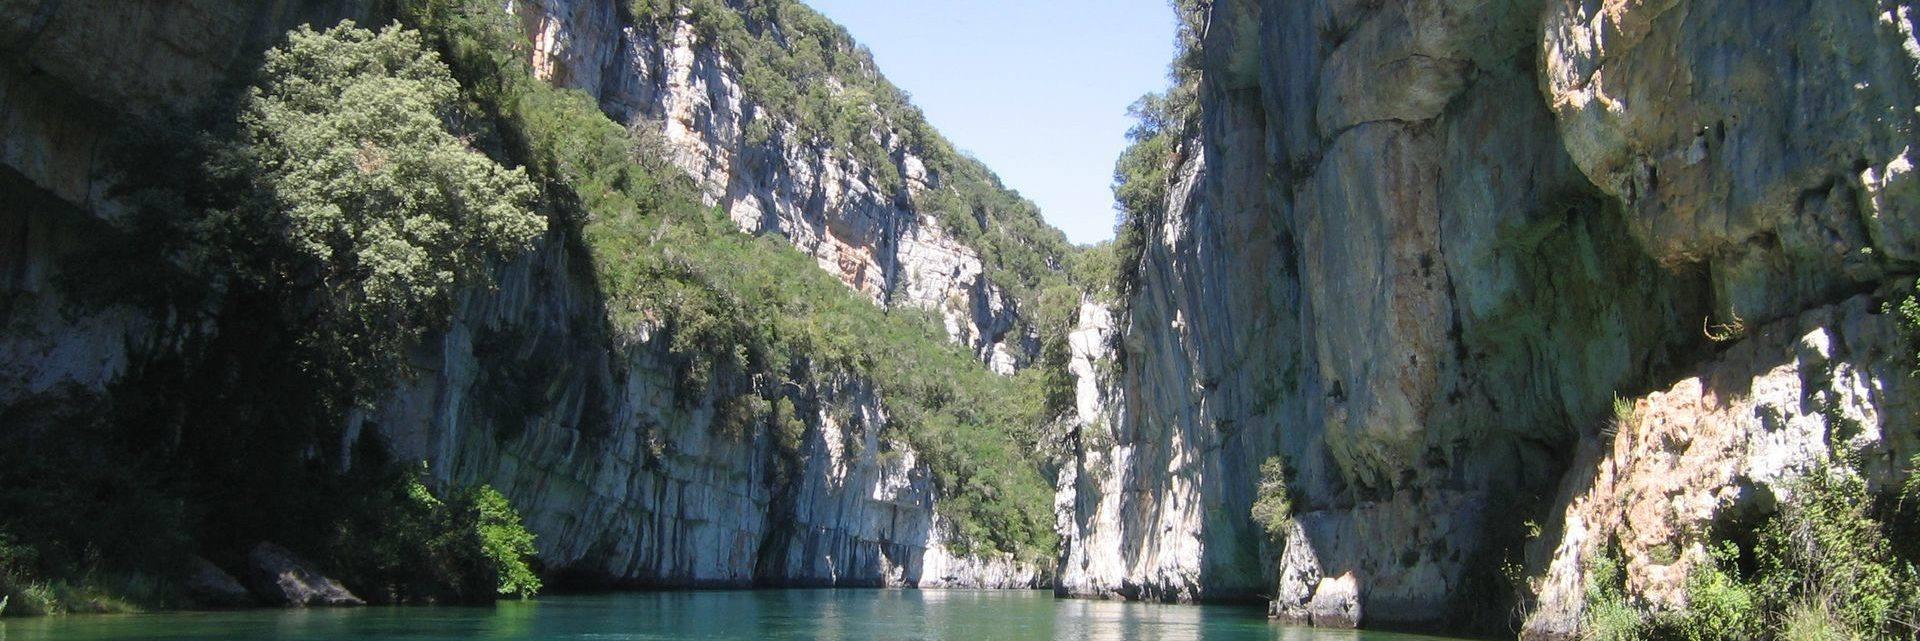 Baudinard - Gorges de Baudinard